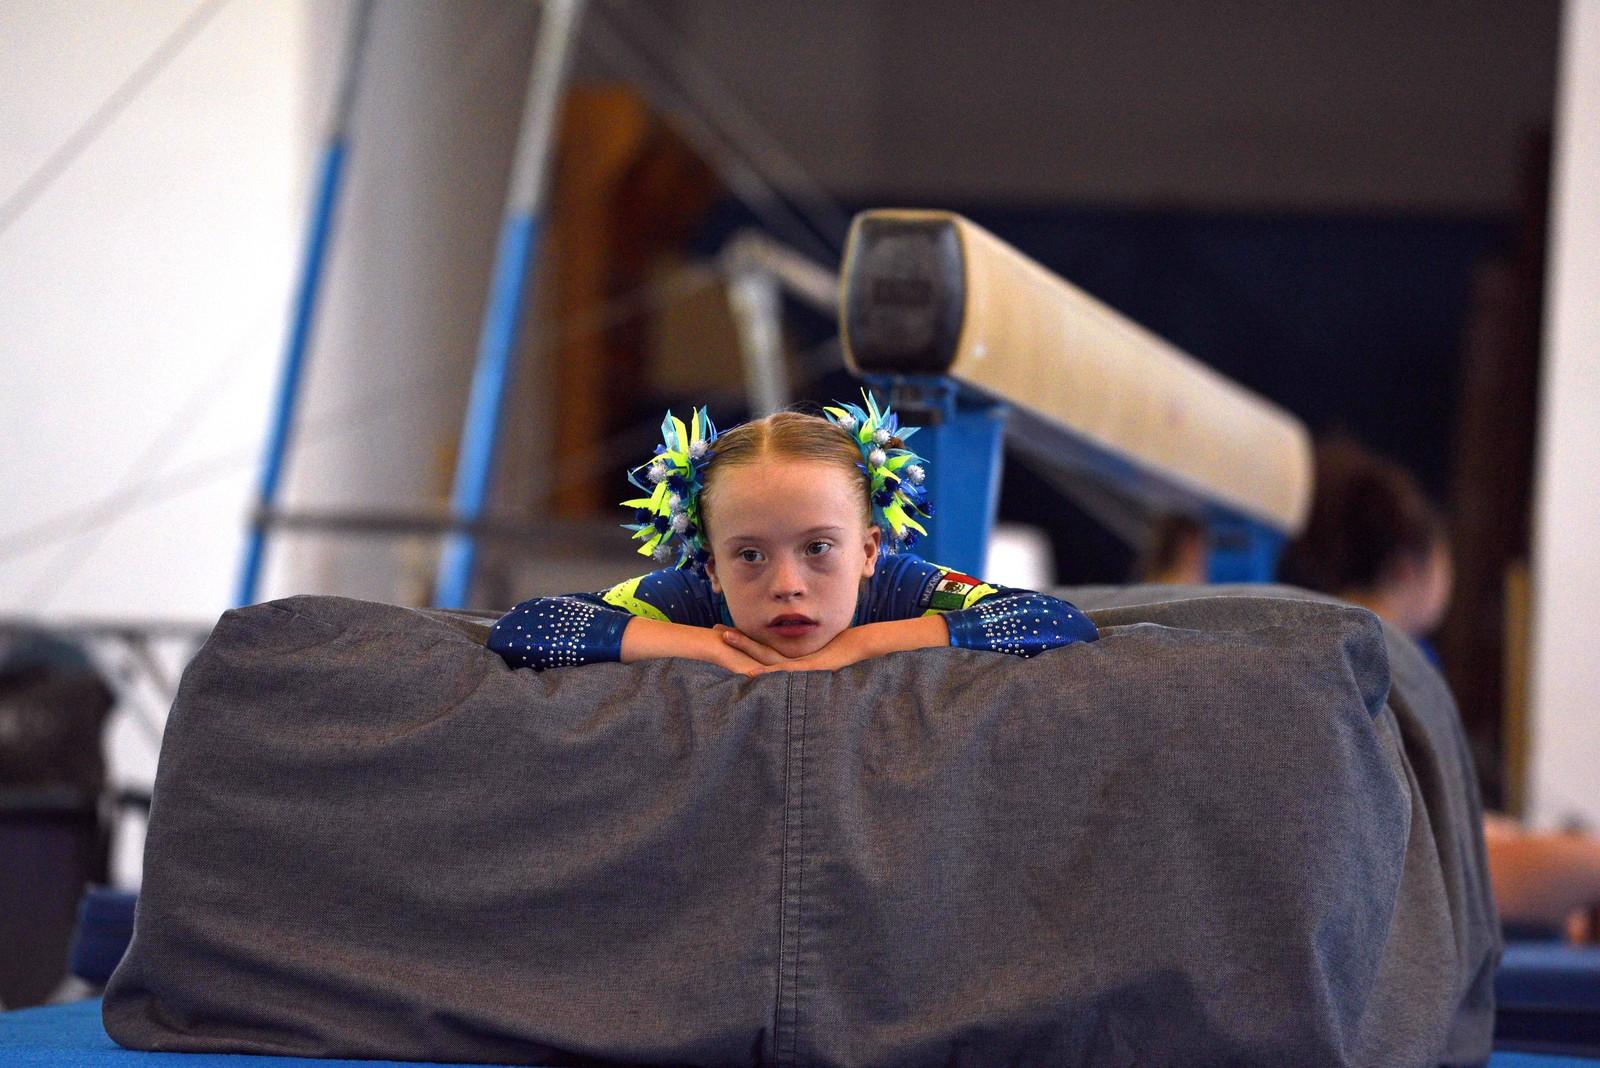 En turner i Firenze den 18. juli under Trisome Games. Utøverne kommer fra 35 land og har Downs syndrom. De konkurrerer i forskjellige grener som svømming, synkronsvømming, tennis, bordtennis og turn. Arrangementet varte fra 15. til 22. juli.